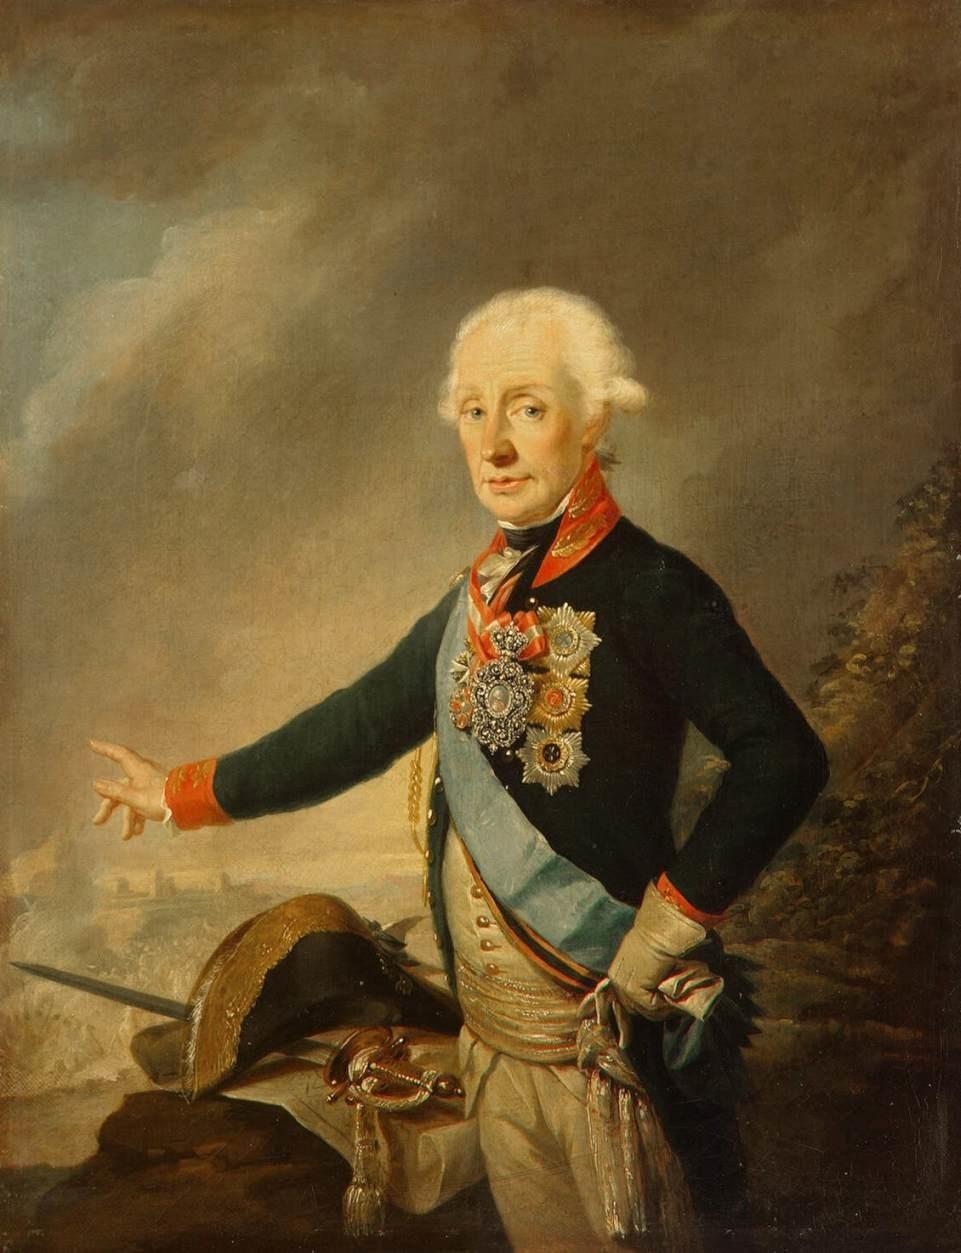 Potret Pangeran Aleksandr Suvorov oleh Joseph Kreutzinger.